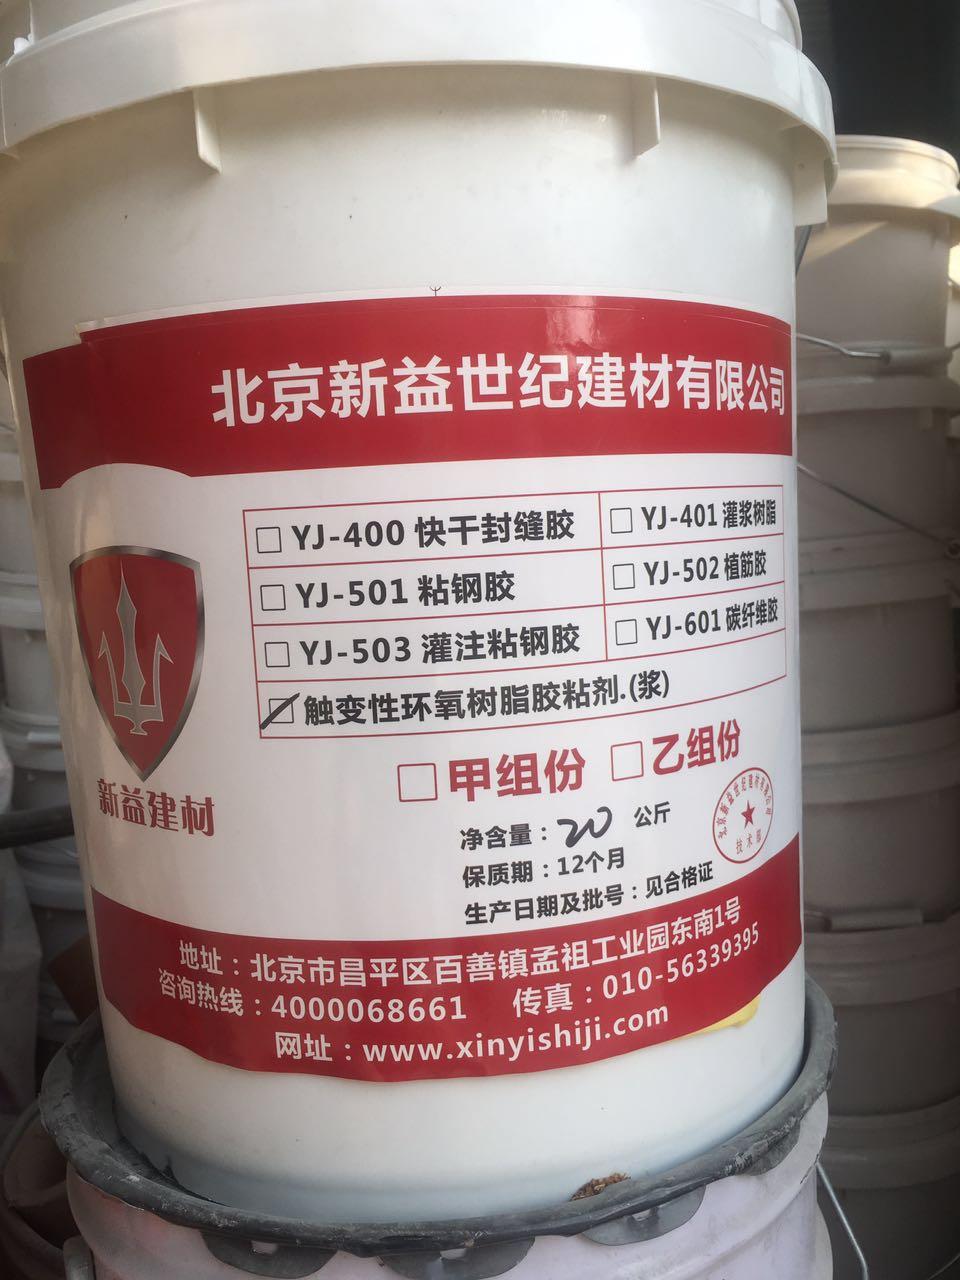 瓷砖用结构胶/环氧树脂植筋胶/北京新益世纪建材有限公司